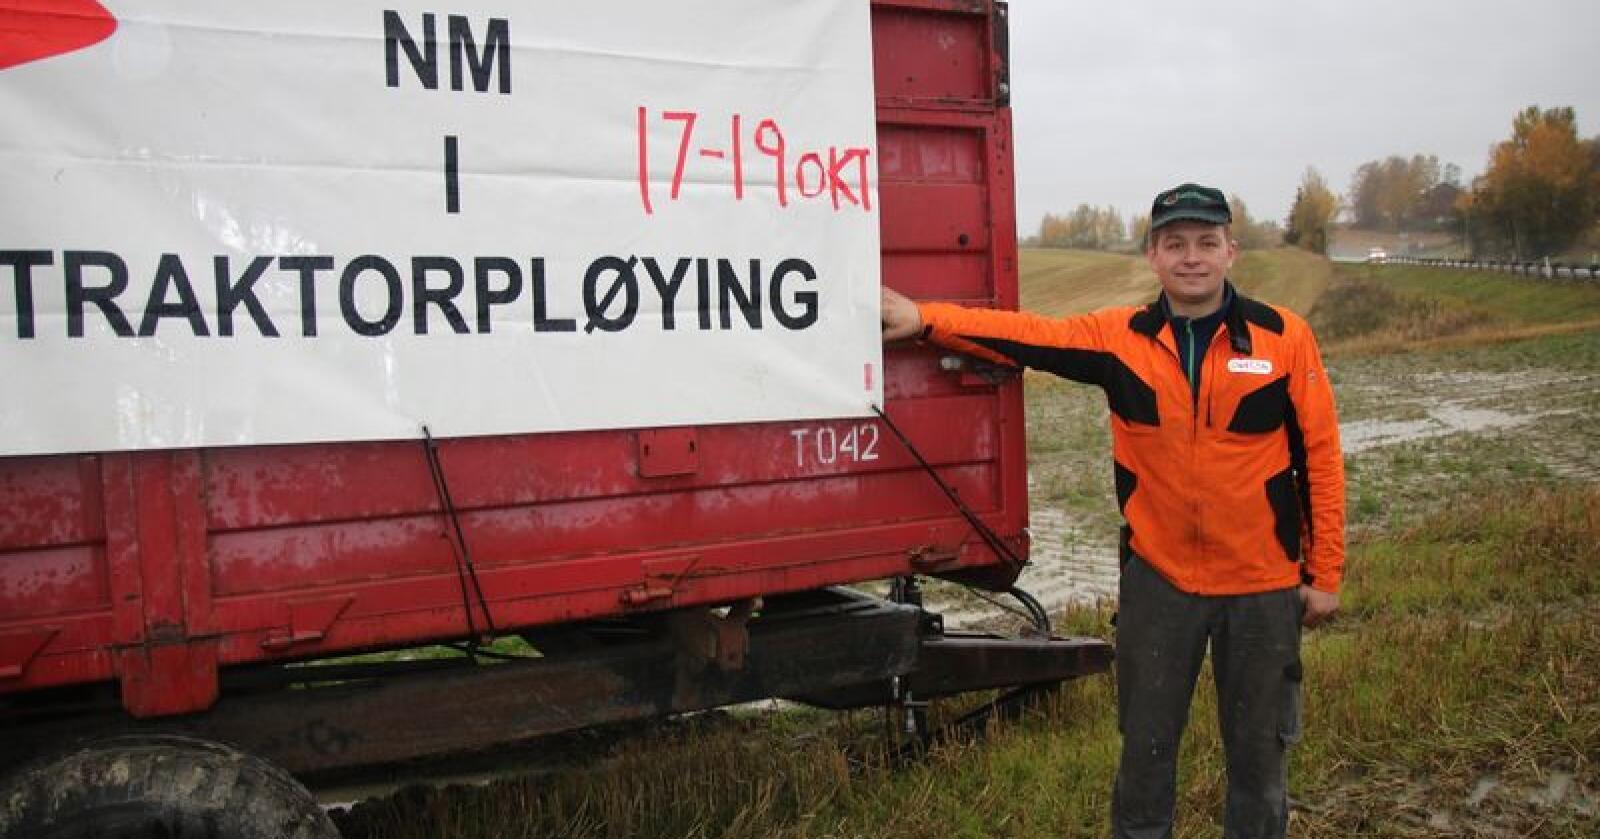 –  Det er katastrofalt bløtt på det jordet NM skulle vært gjennomført, sier Simen Andrè Hanslien i arrangementskomiteen. Foto: Knut Houge